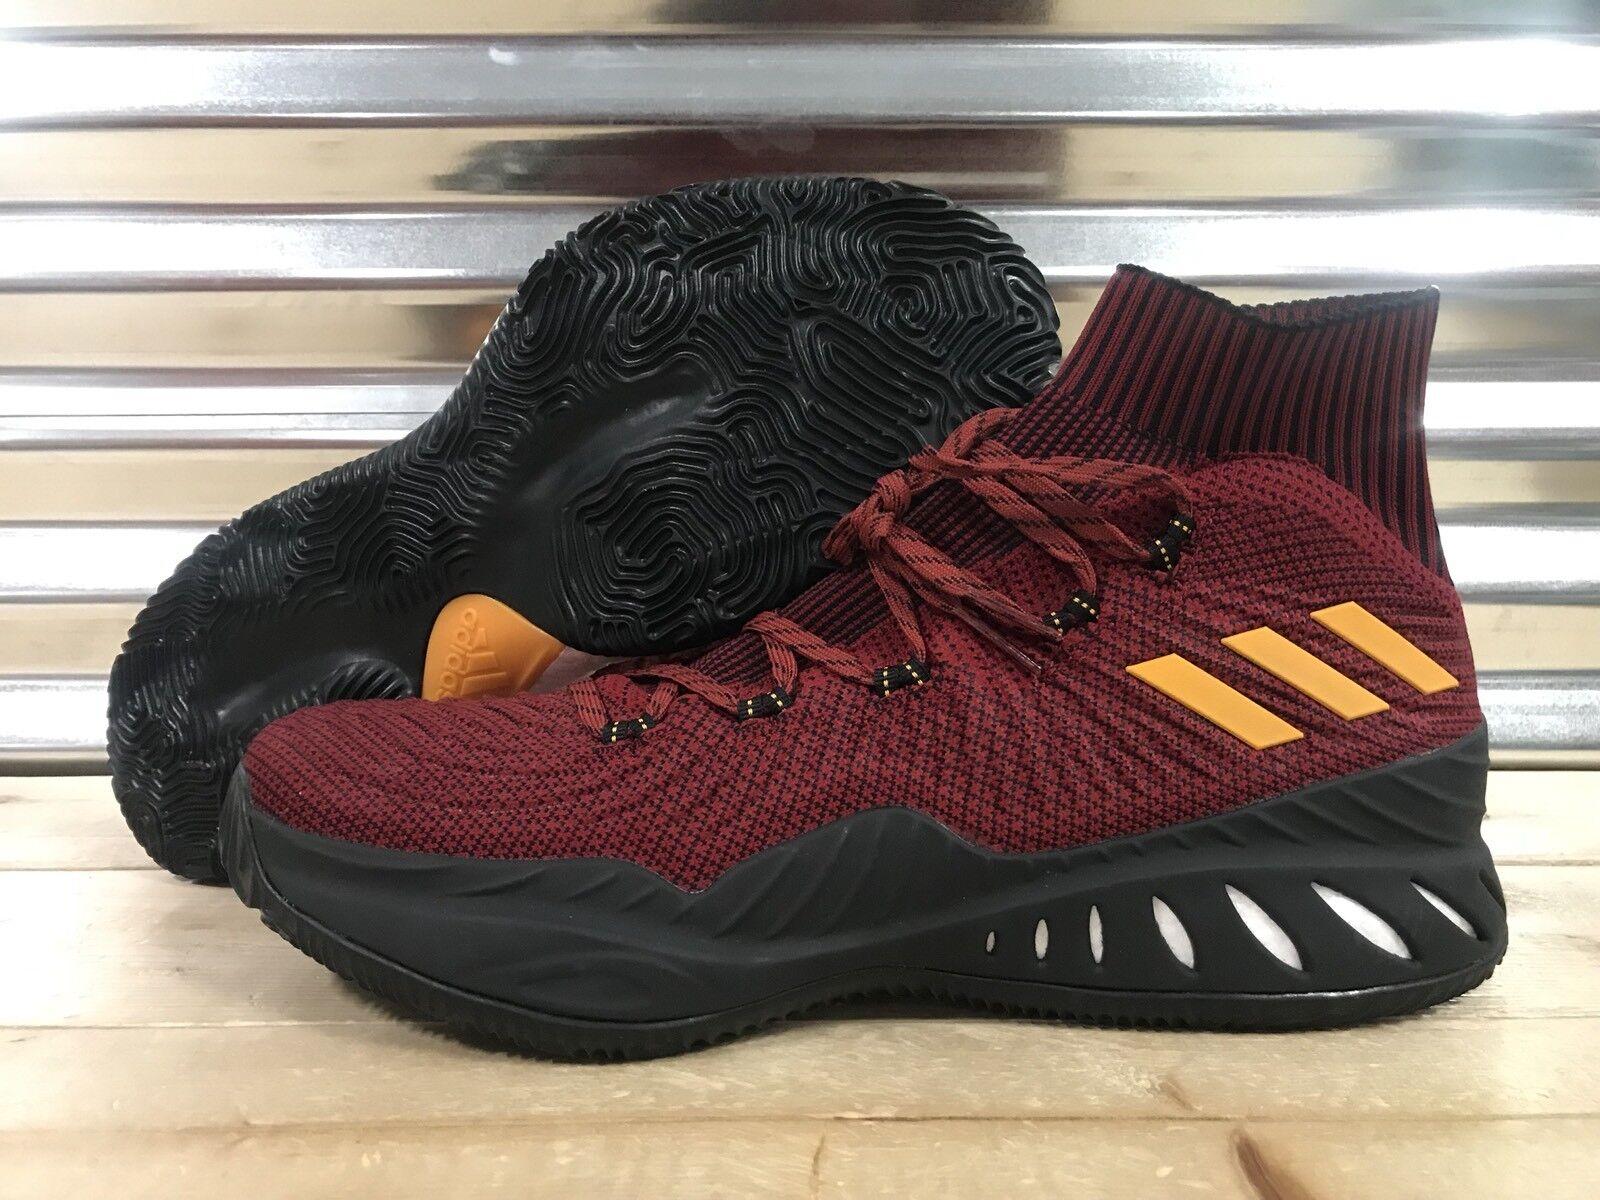 Adidas winslow verrückt explosive primeknit gerechtigkeit winslow Adidas pe miami heat sz 14 (ah2368) 189842